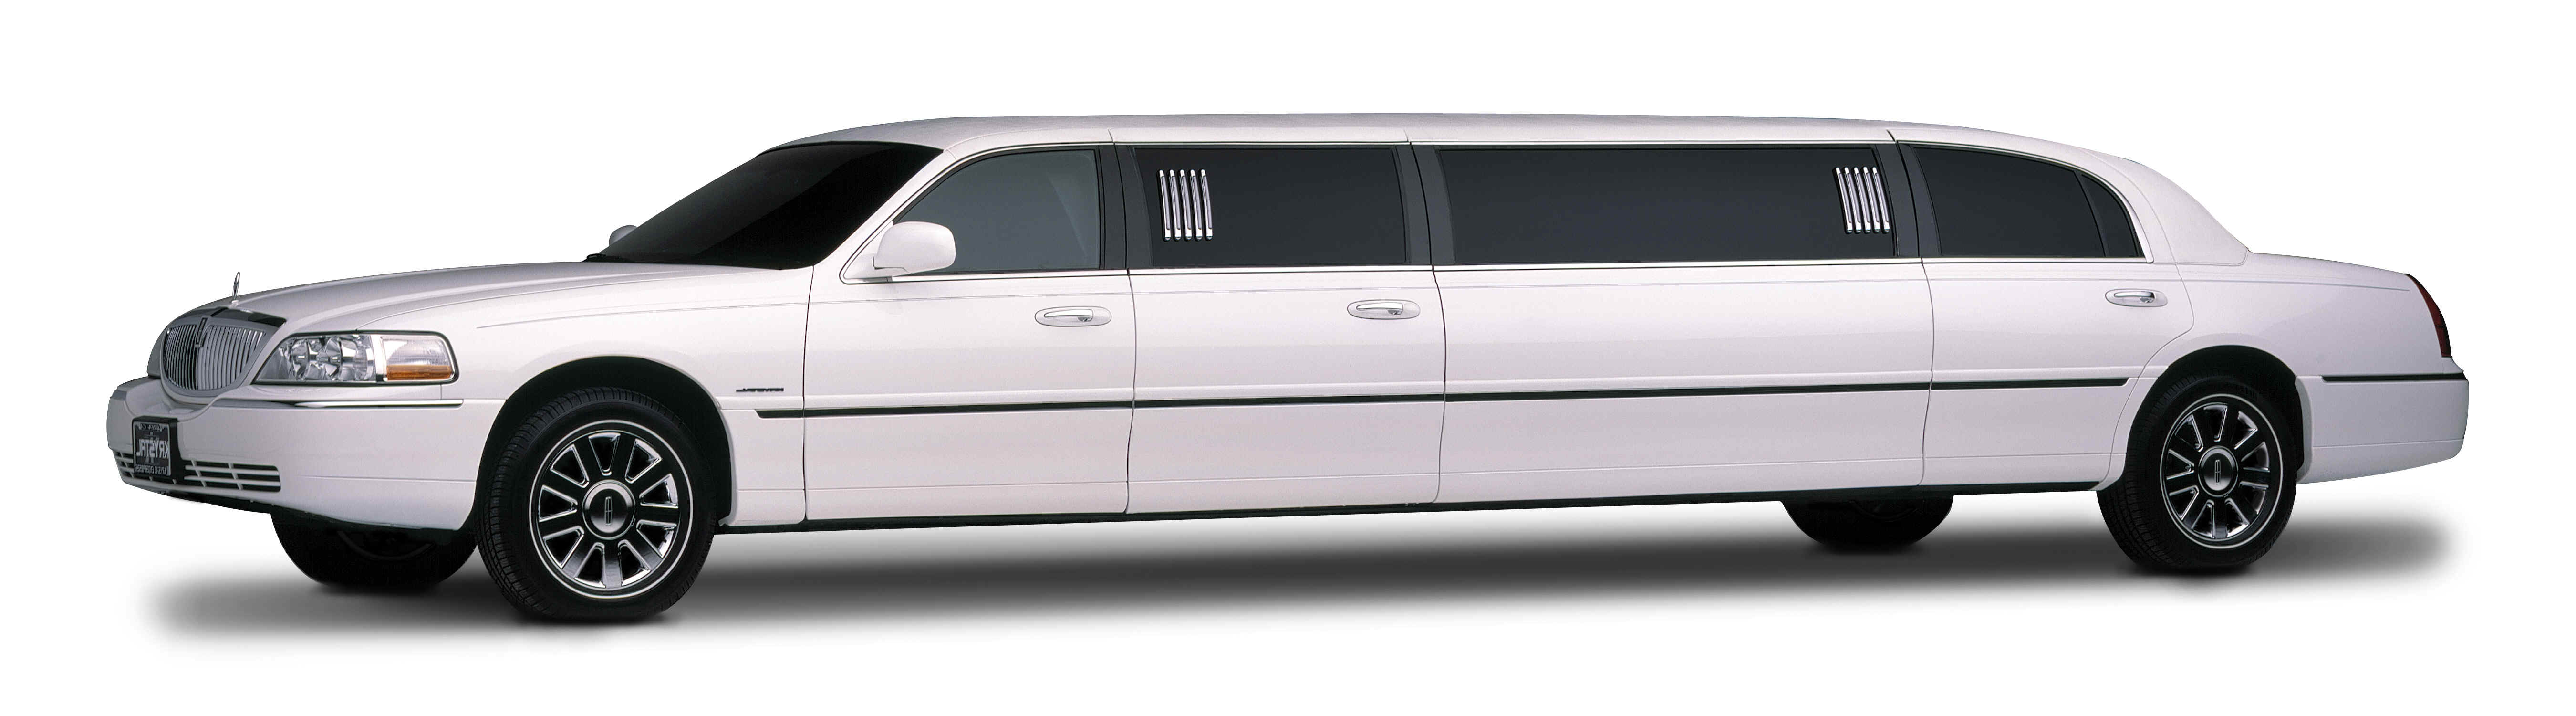 limousine 158